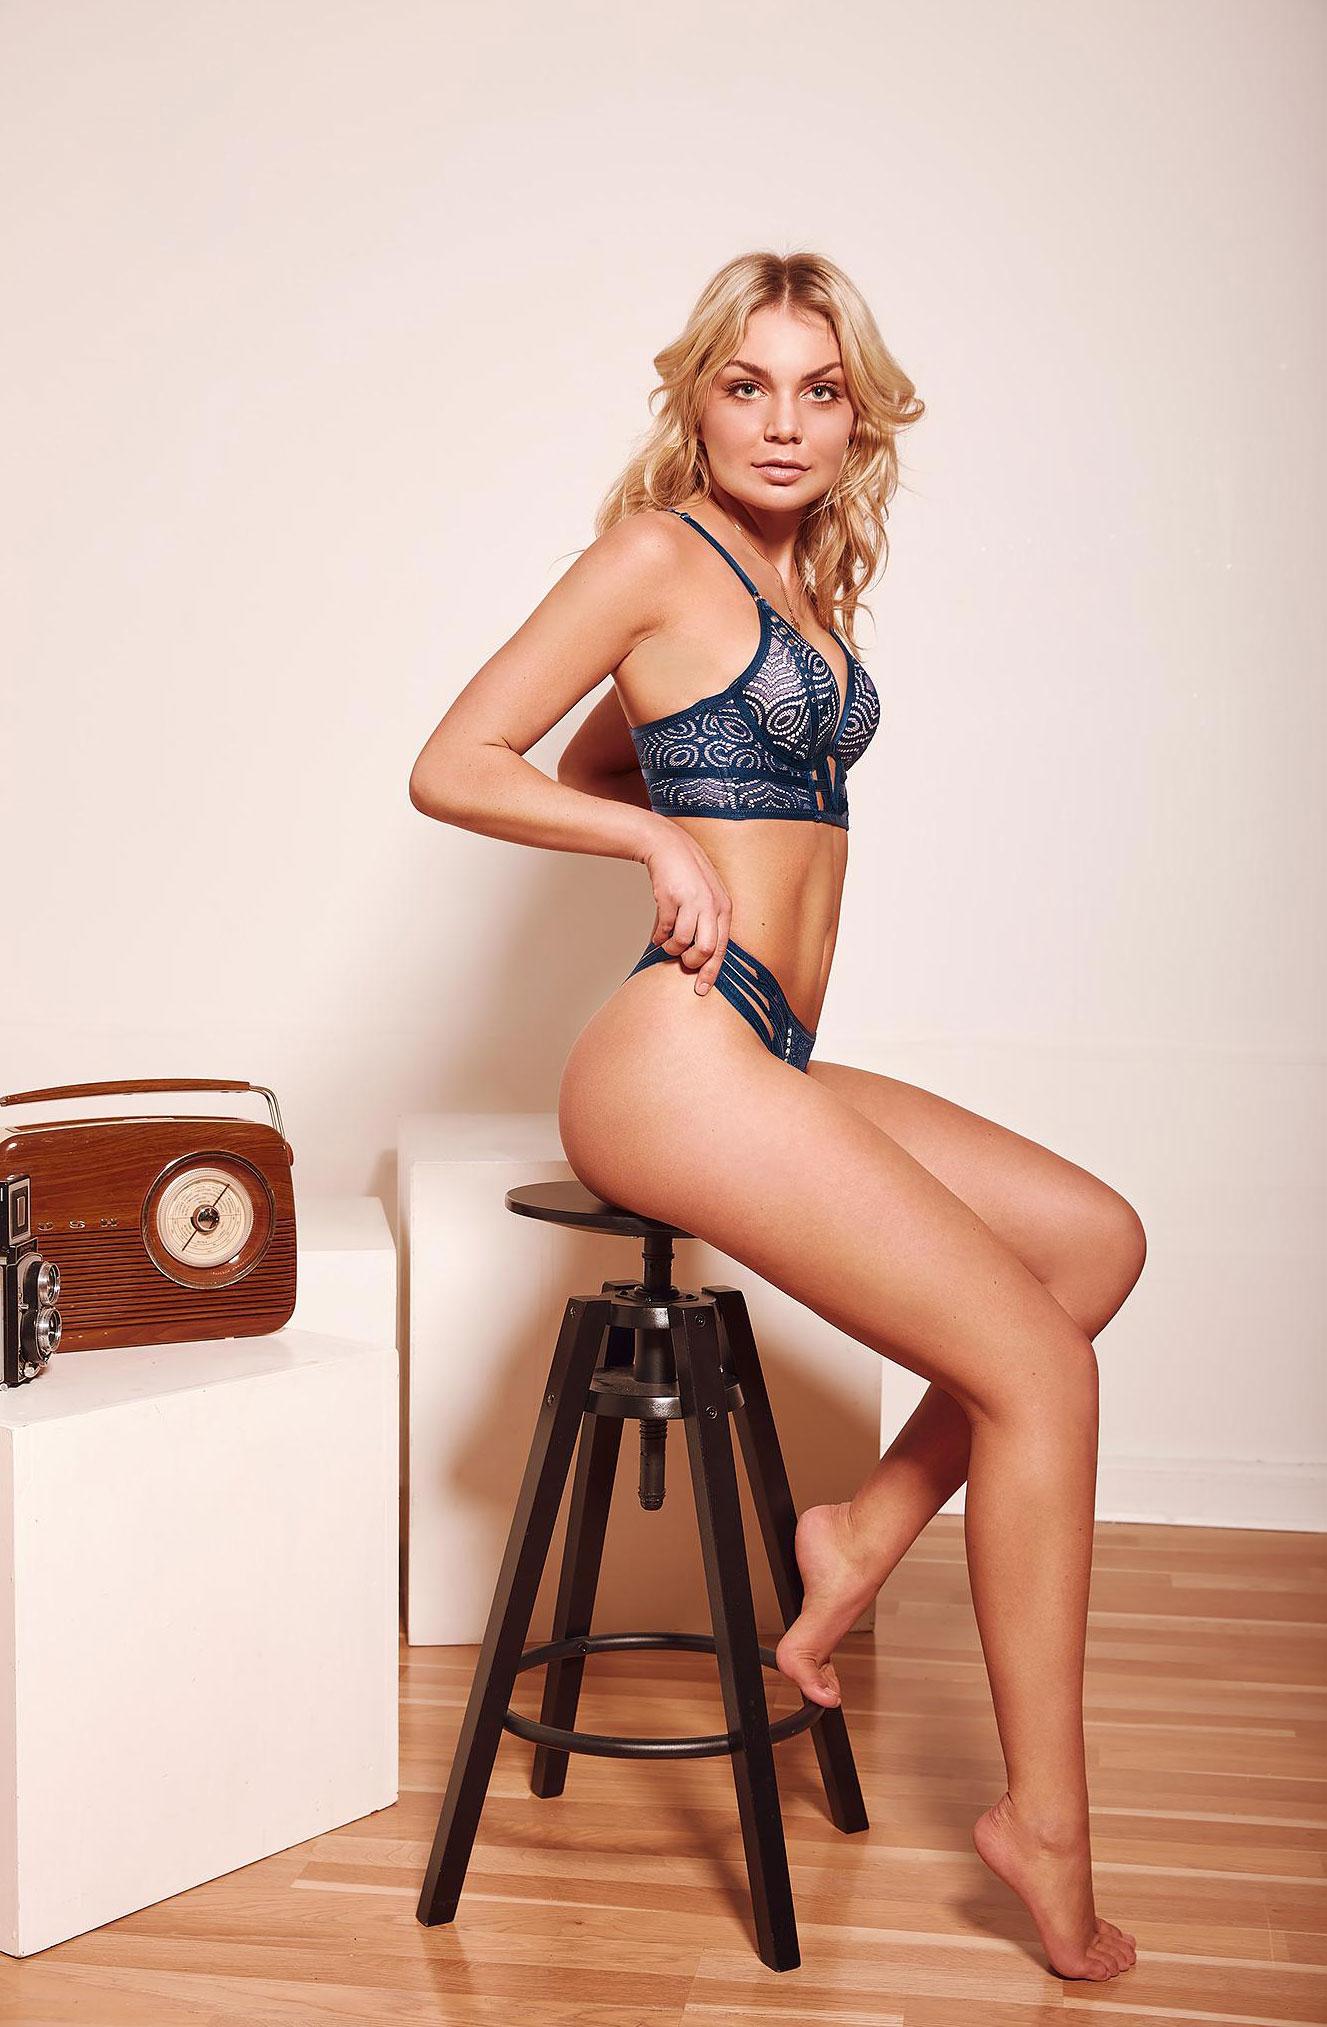 блондинка в винтажных интерьерах / фото 16